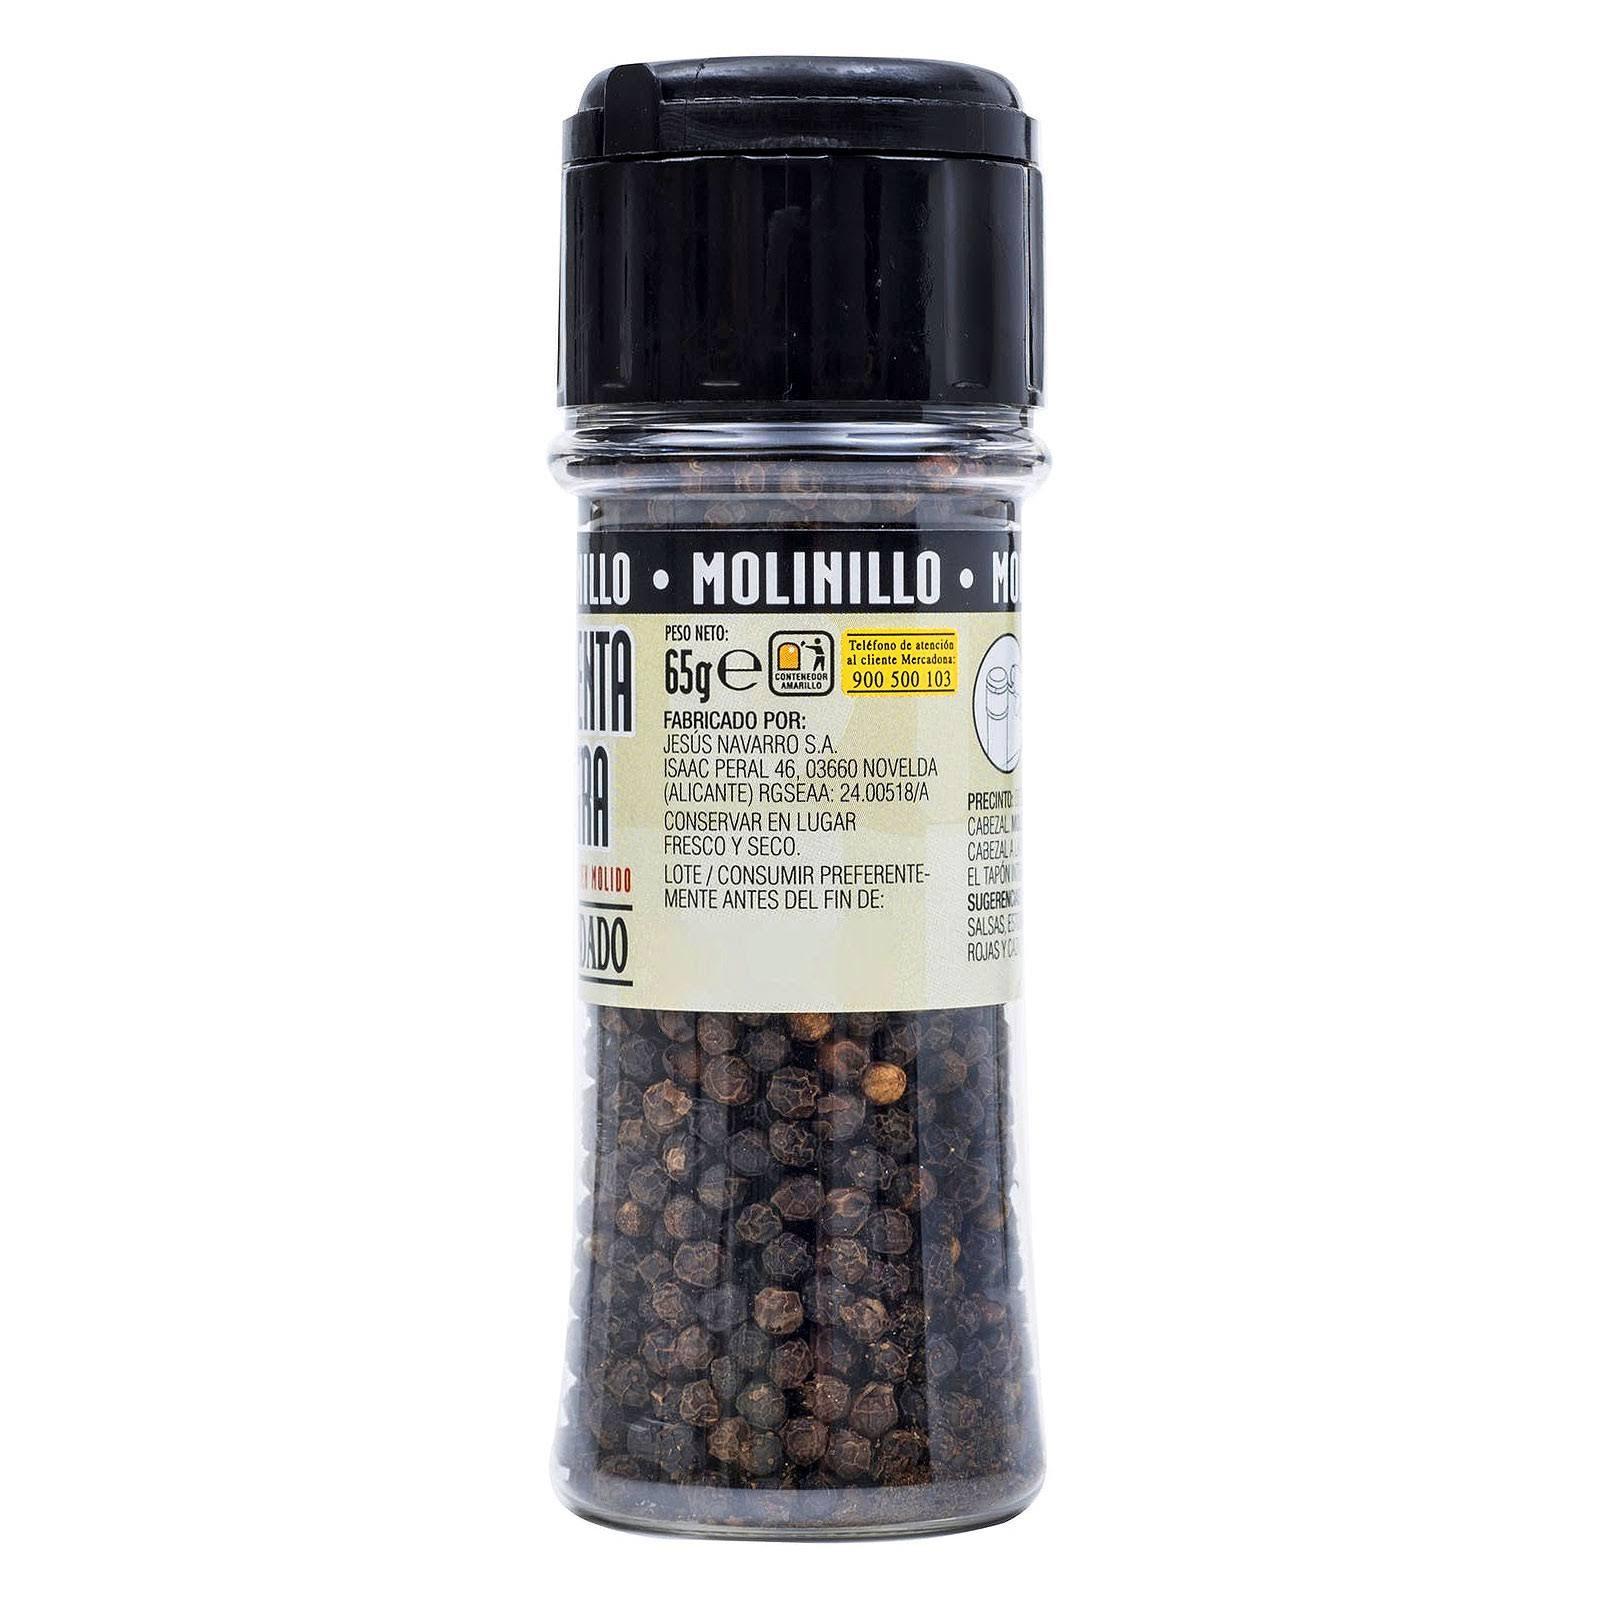 Molinillo de pimienta negra Hacendado